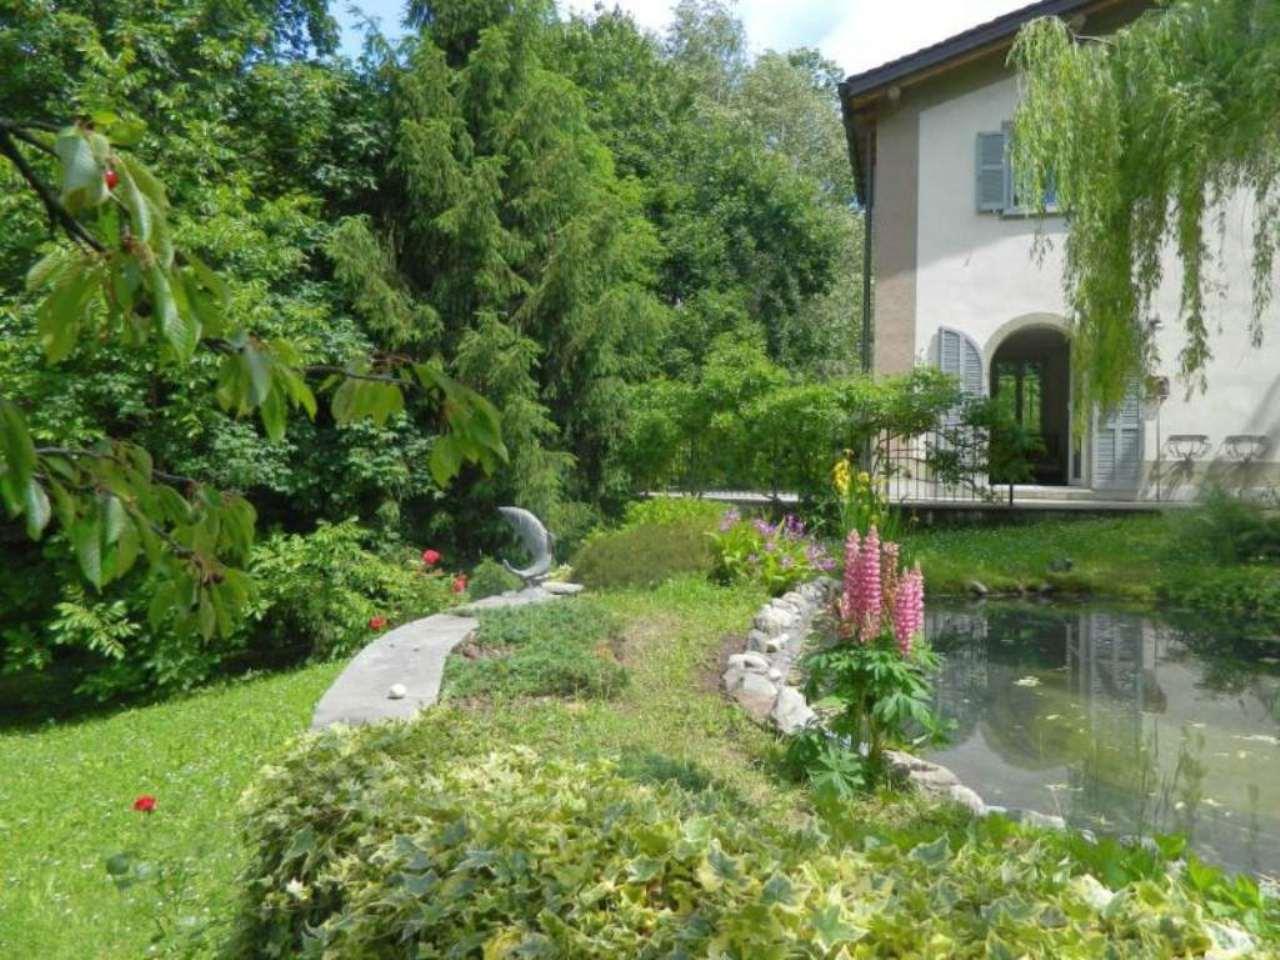 Villa in vendita a Sondrio, 8 locali, Trattative riservate   CambioCasa.it